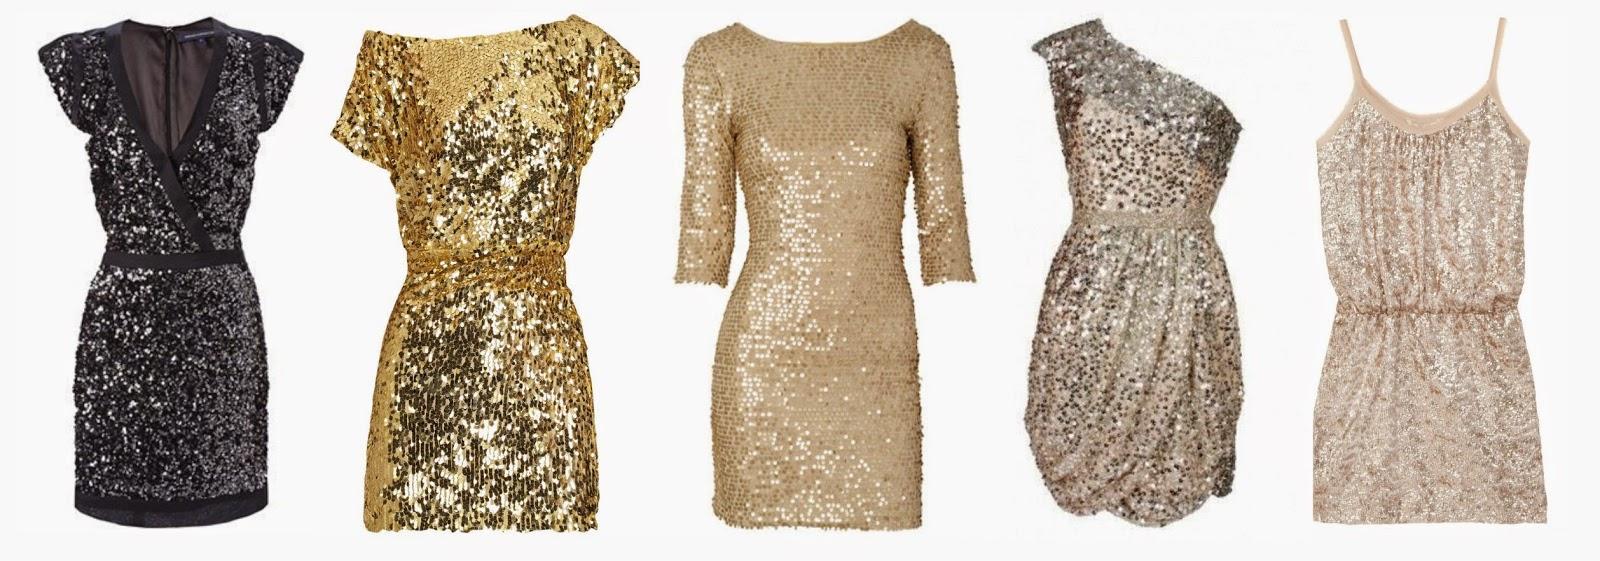 modelos de vestidos de festa com pedrarias e paetes - dicas e fotos